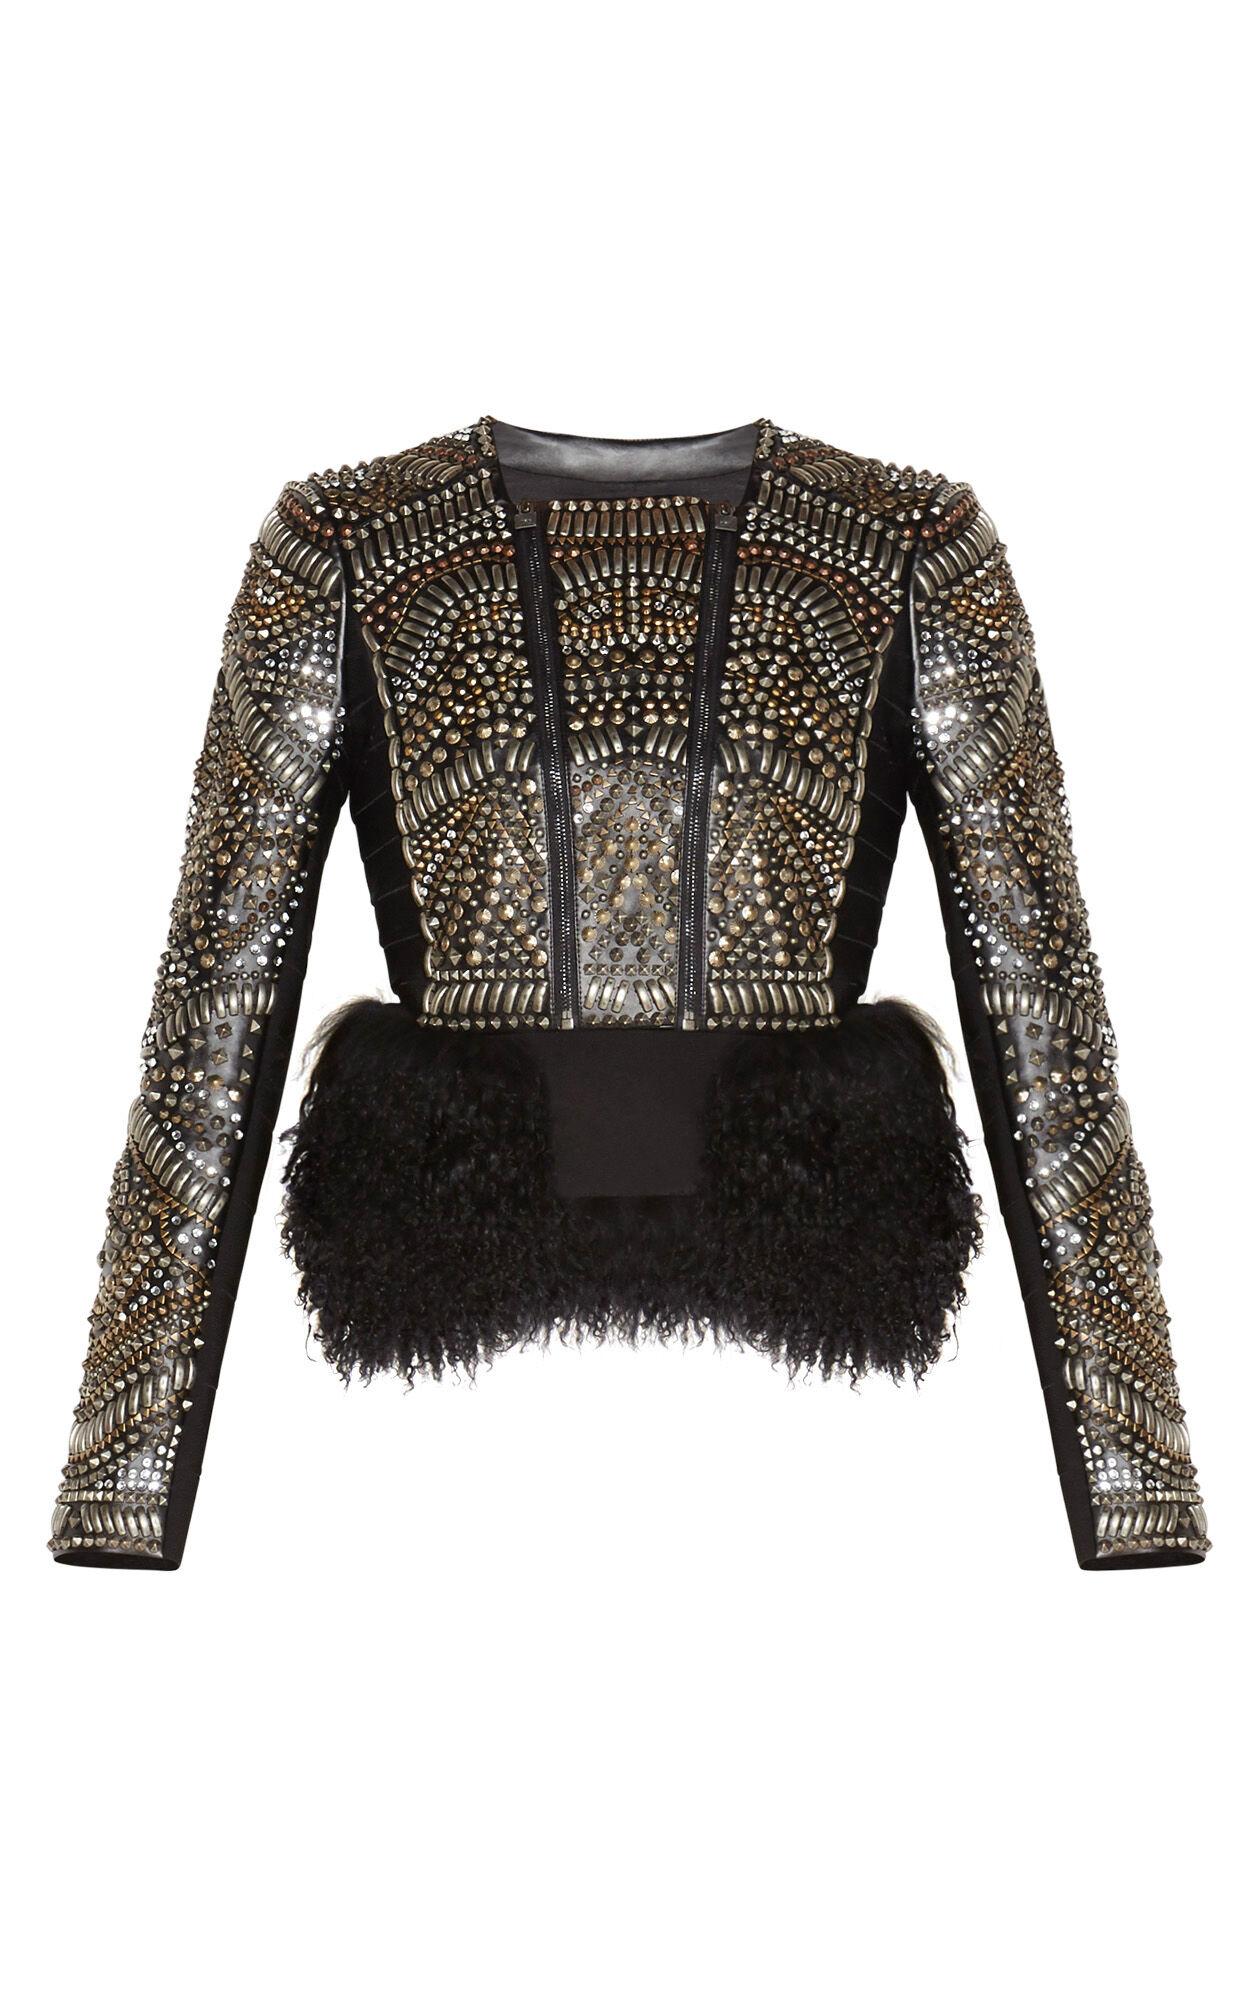 Raquella Multi-Studded Jacket